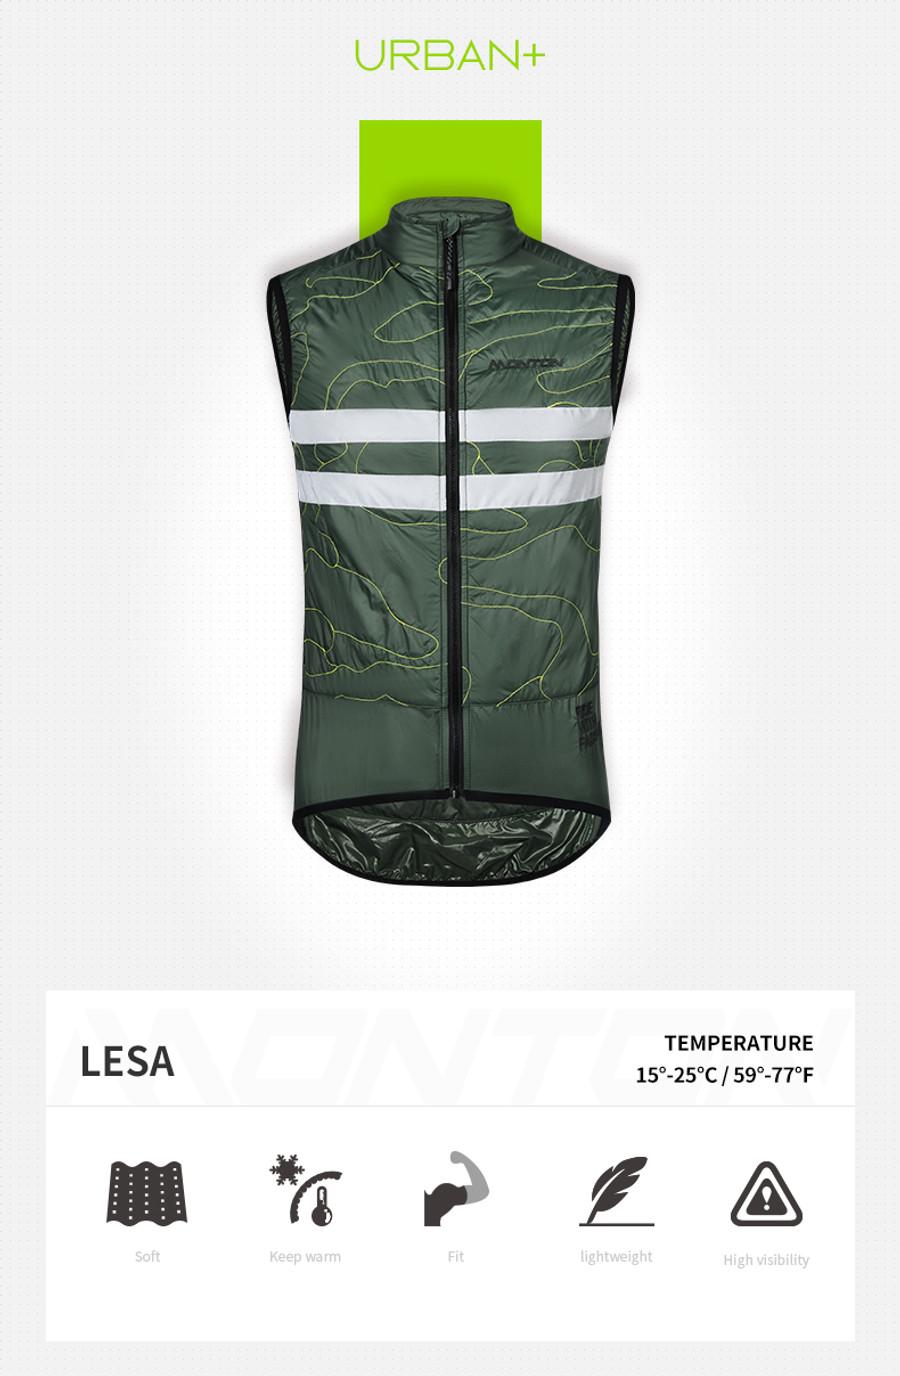 Men's Urban+ Lesa Thermal Gilet - green